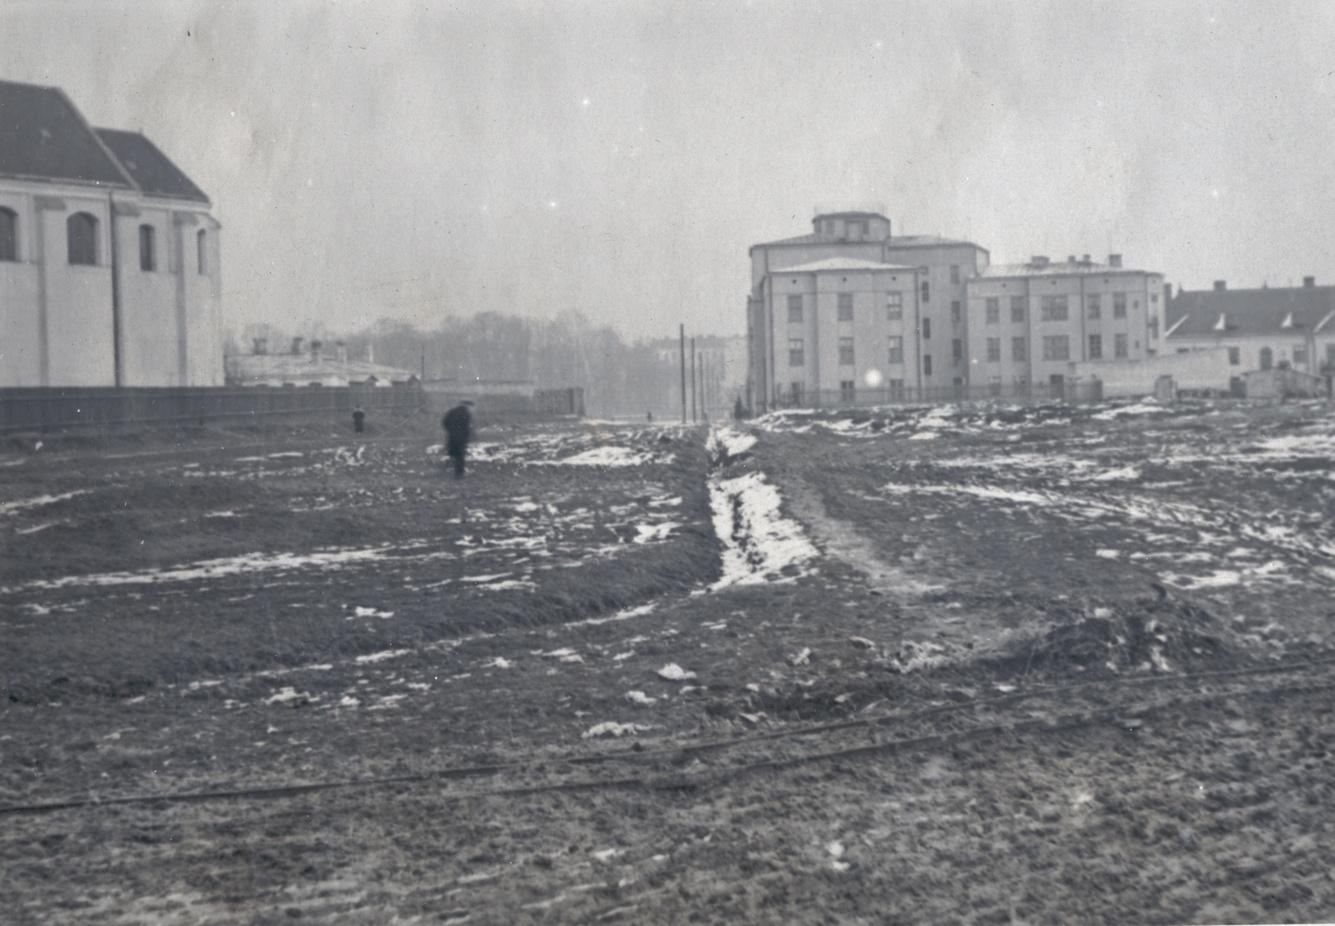 Zdjęcie z historią [4]: Nieudane fotografie ze skupu surowców